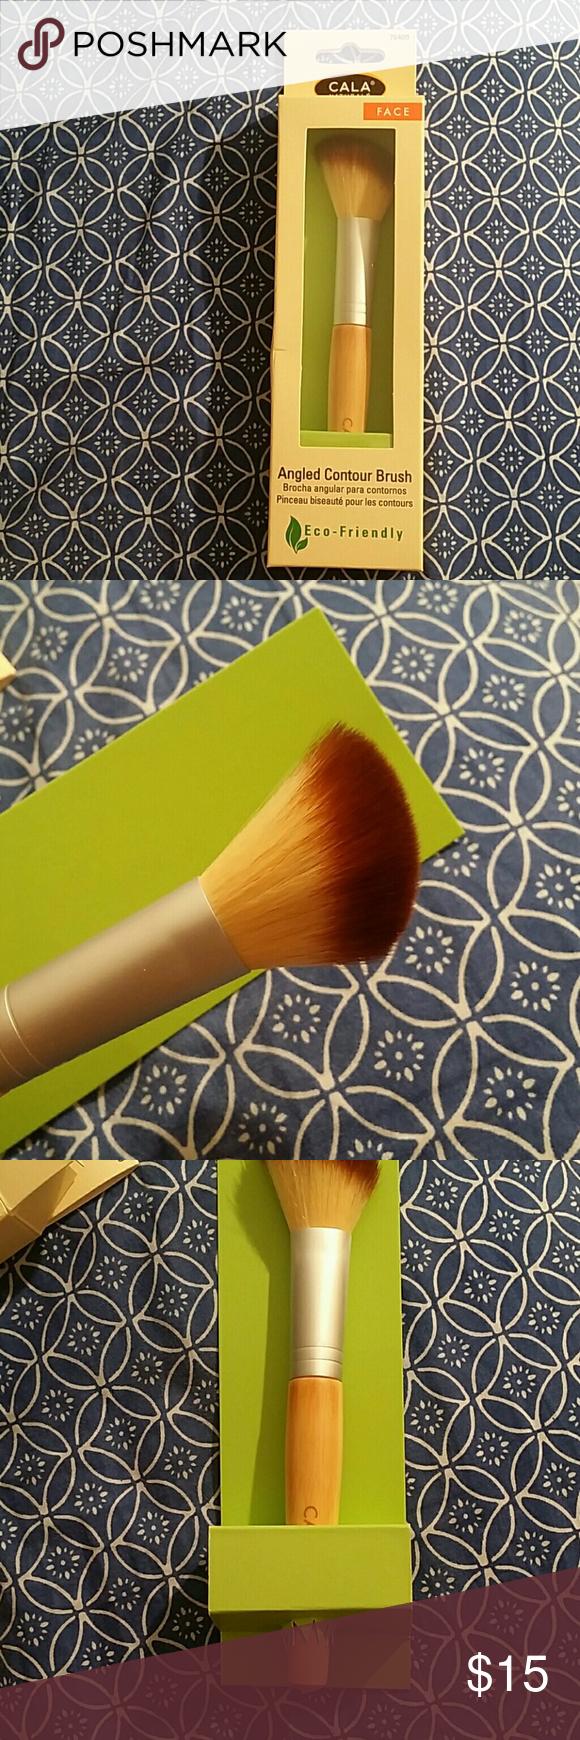 10pcs Pro Makeup Brushes Set 1.Precision face brush 2.Flat